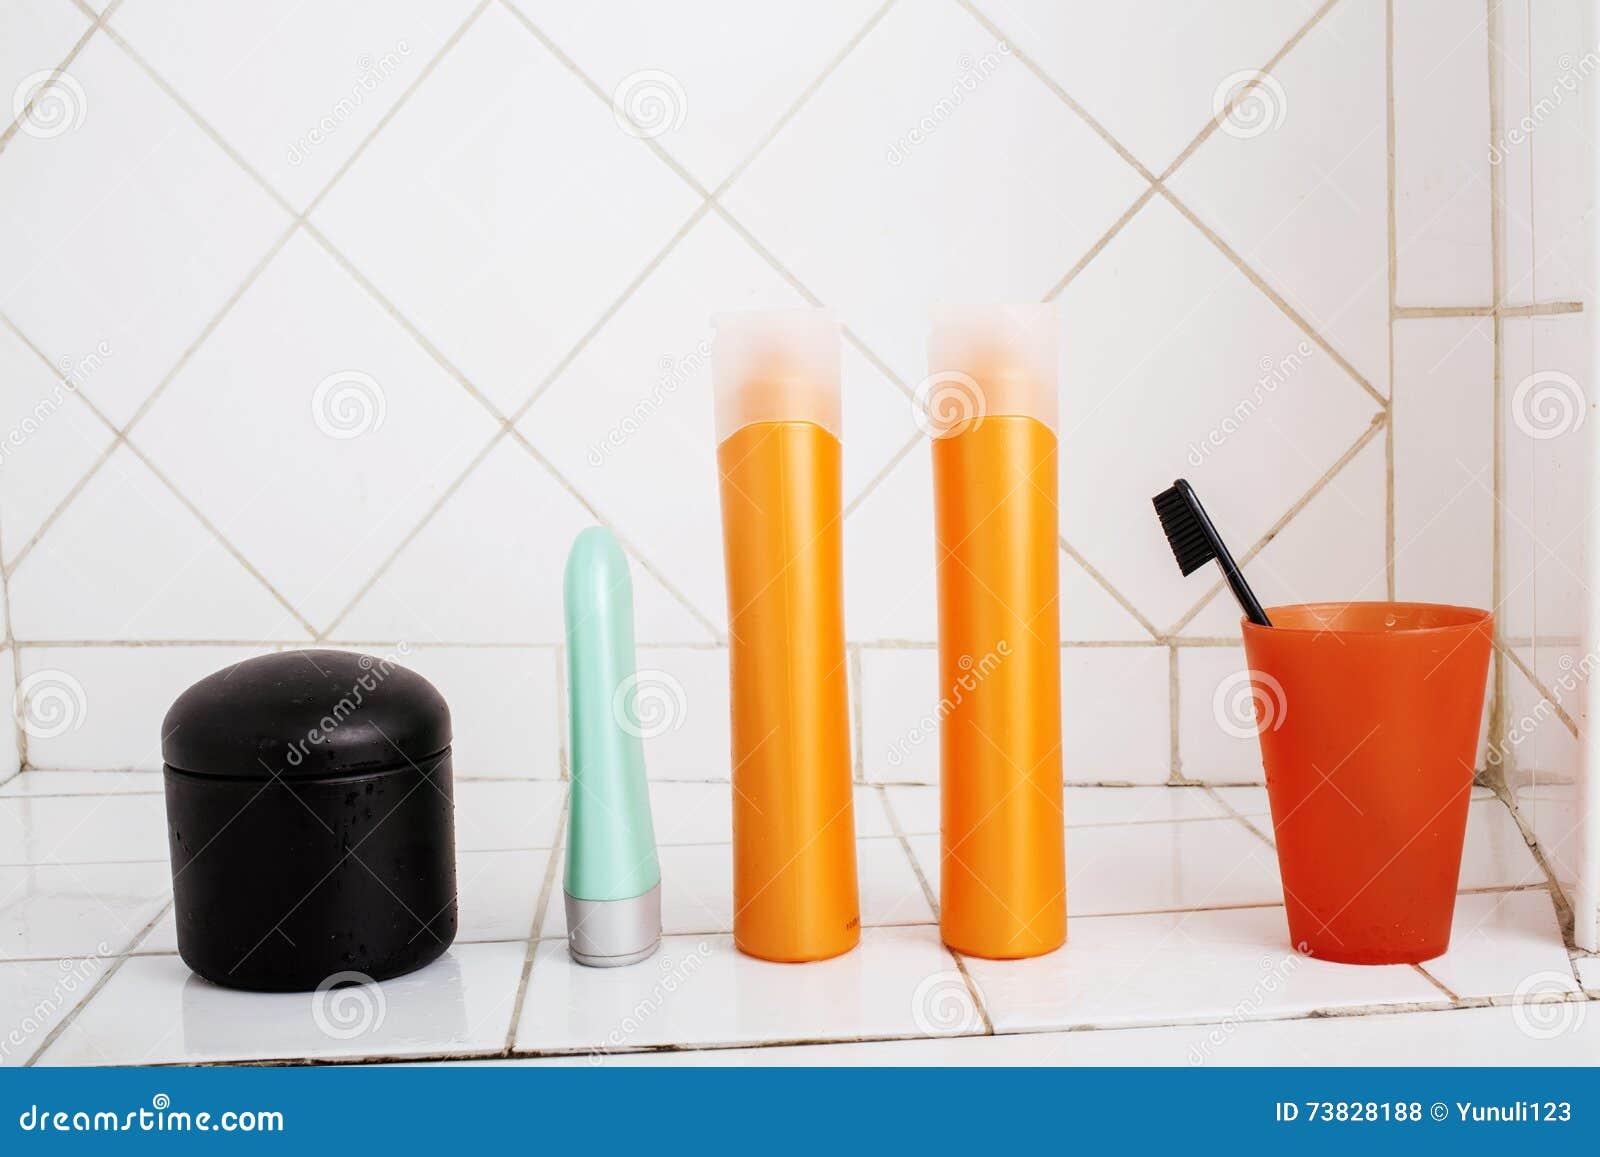 Übliches Material Im Badezimmer, Shampoo, Zubehör, Schwarze ...